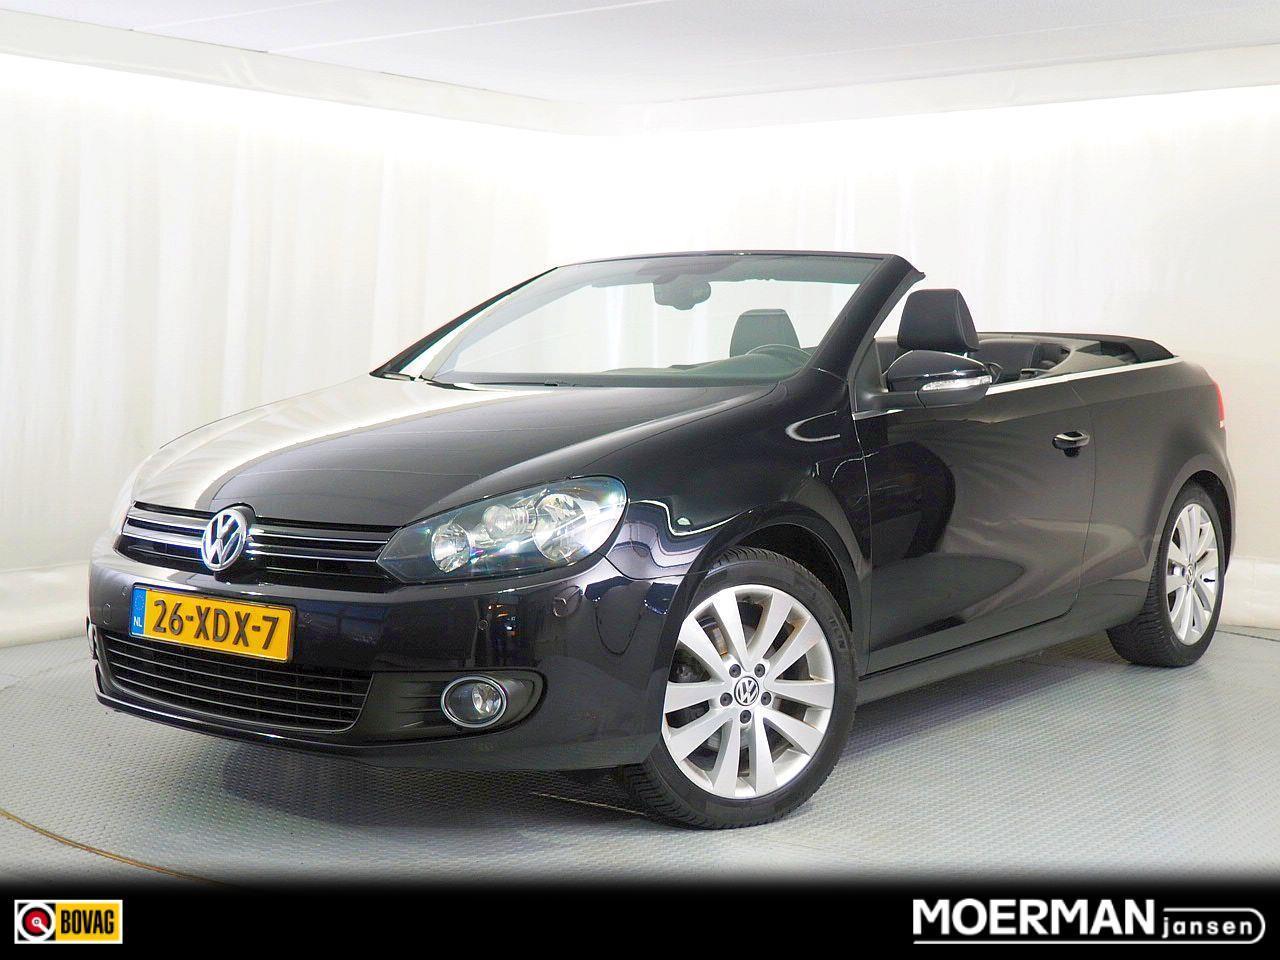 Volkswagen Golf Cabriolet 1.2 tsi / dealer onderhouden / luxe uitvoering / electr. kap / climate ctrl / park.sens.